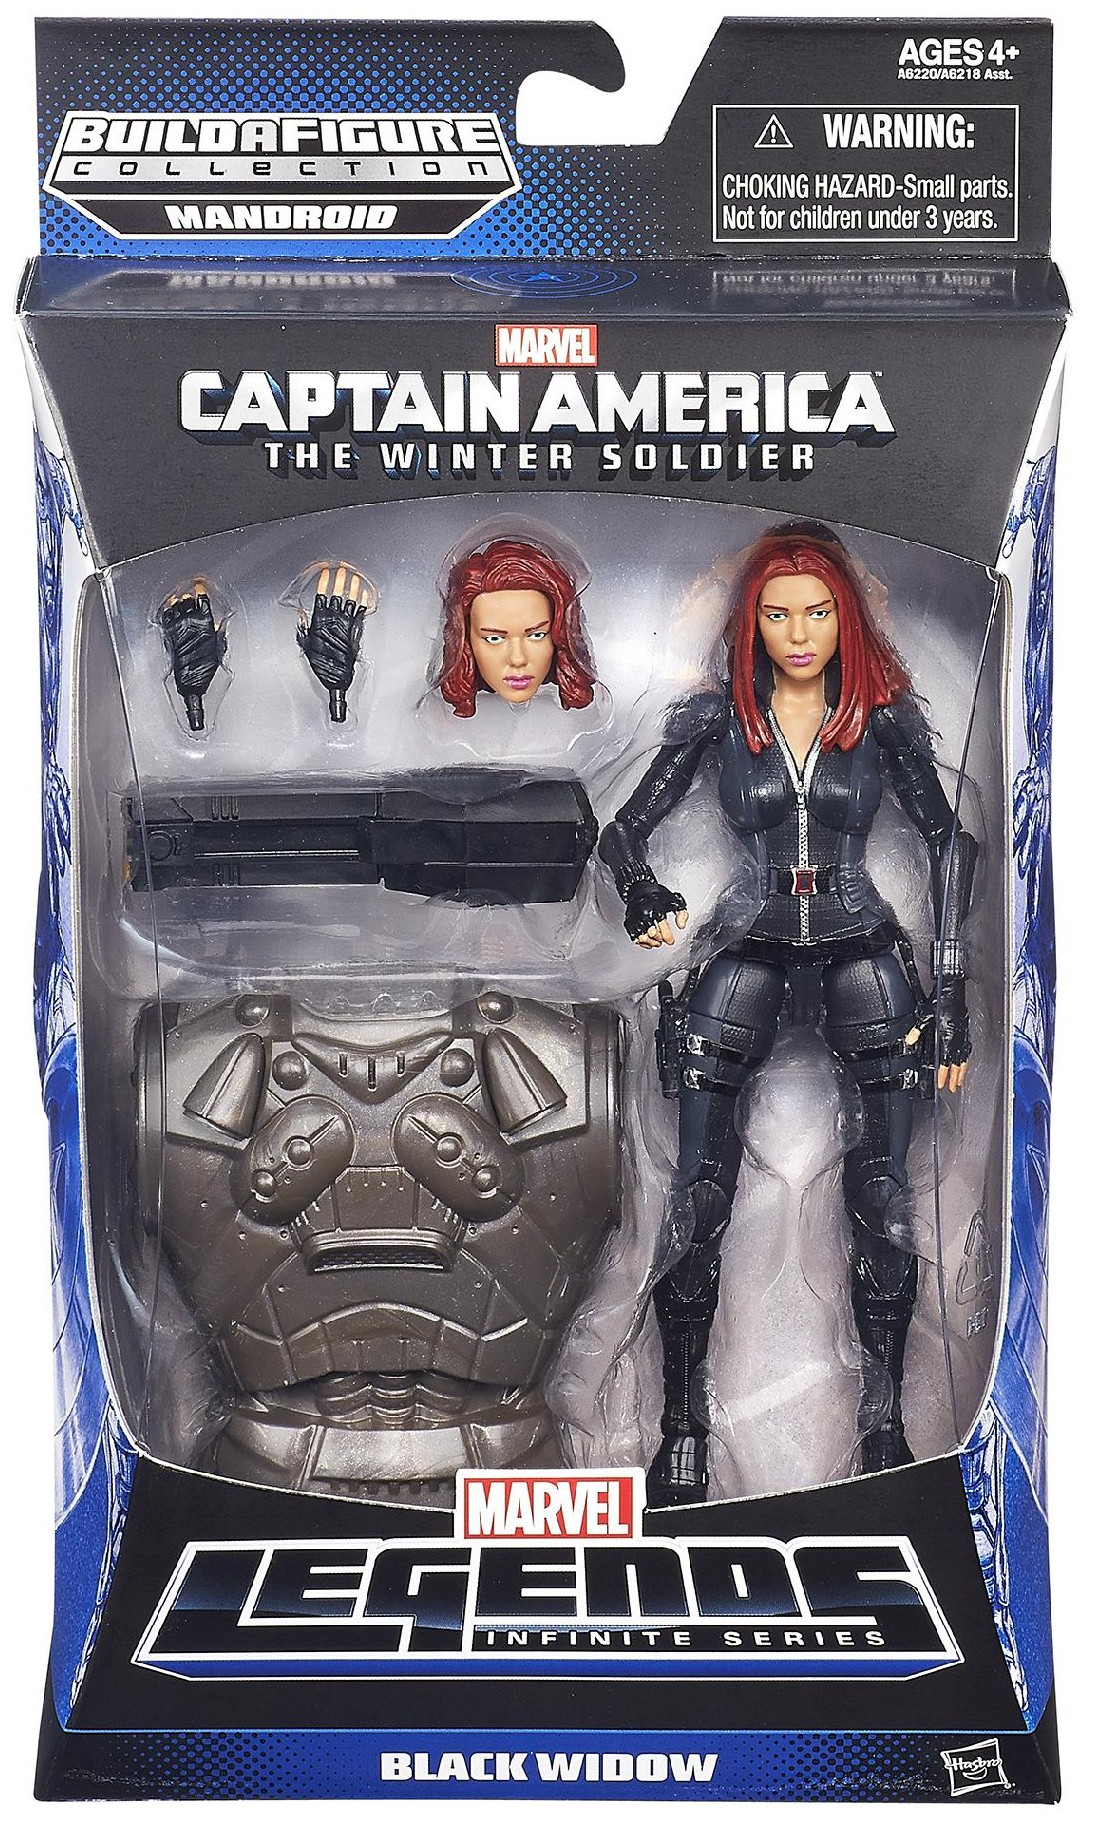 [Hasbro][Tópico Oficial] Marvel Legends | Infinite Series: Homem-Aranha & Capitão América Captain-America-The-Winter-Soldier-Marvel-Legends-Black-Widow-Figure-Packaged-e1386996985561